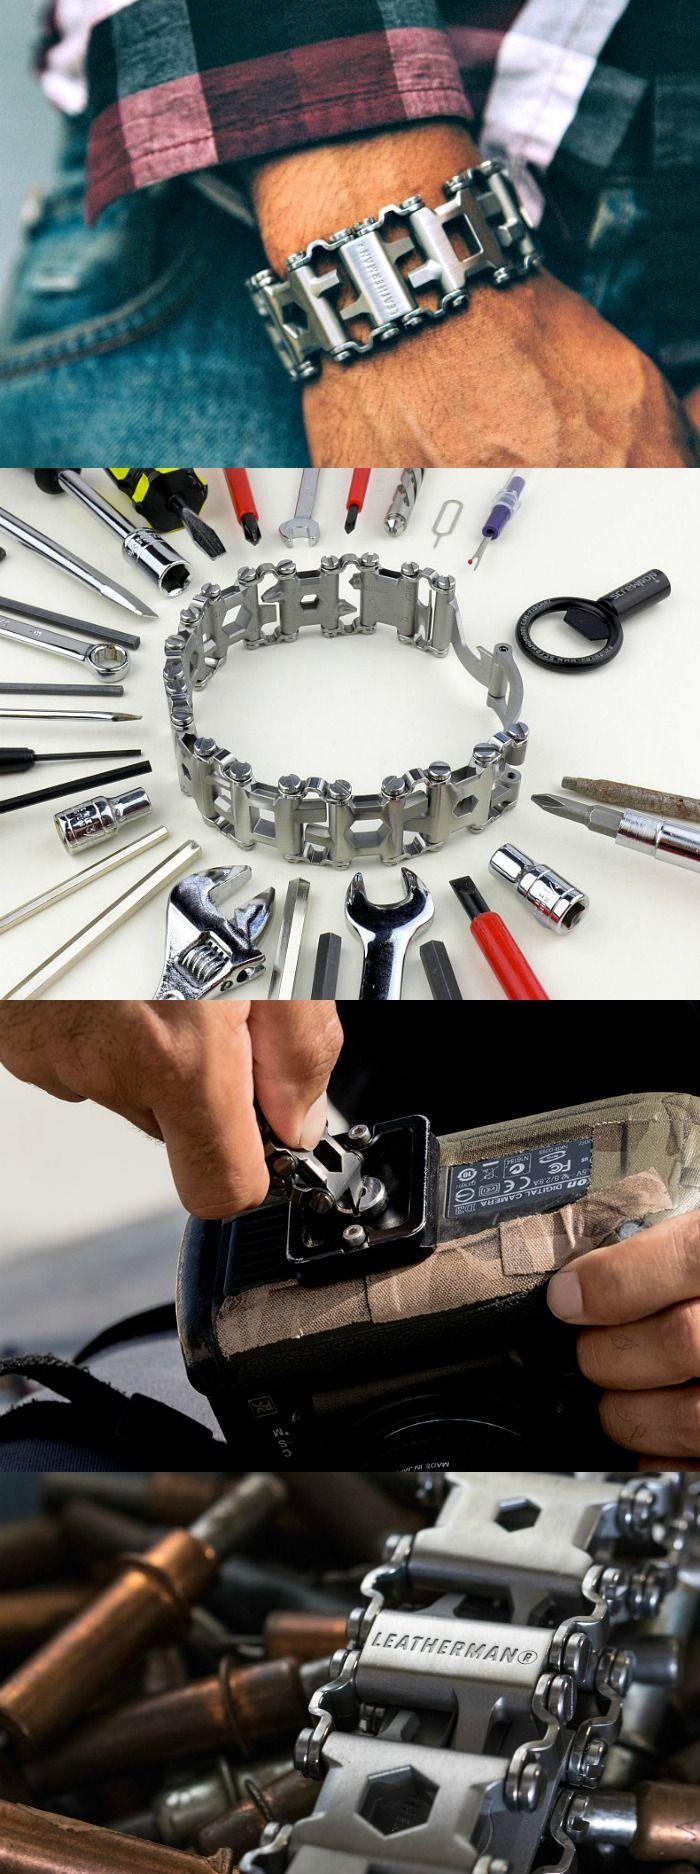 Leatherman Tread is the Wearable Multi-tool https://www.facebook.com/Tjs-Cars-420009124836306/